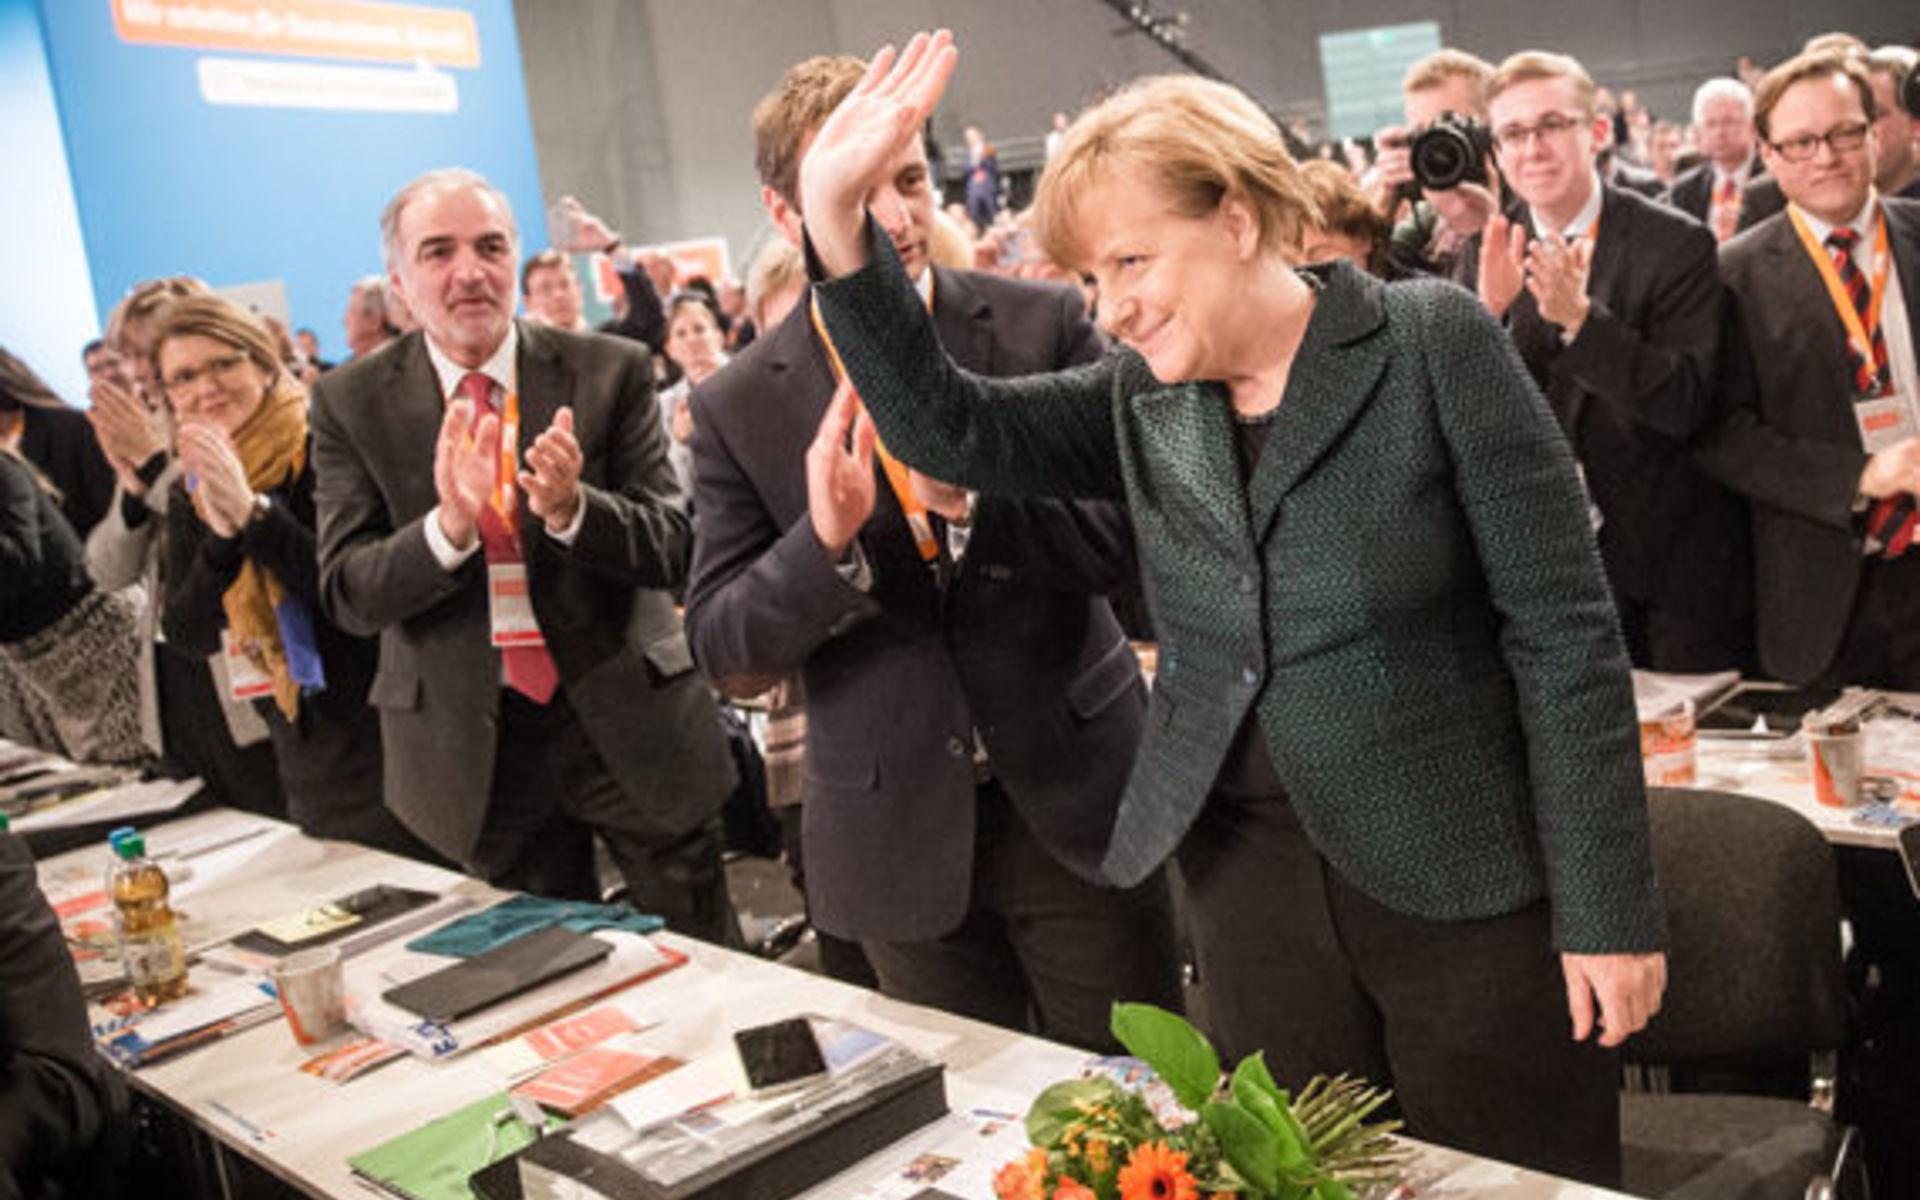 Пока социал-демократы определяются на внутрипартийном уровне, Ангела Меркель по-прежнему не имеет серьезных соперников.